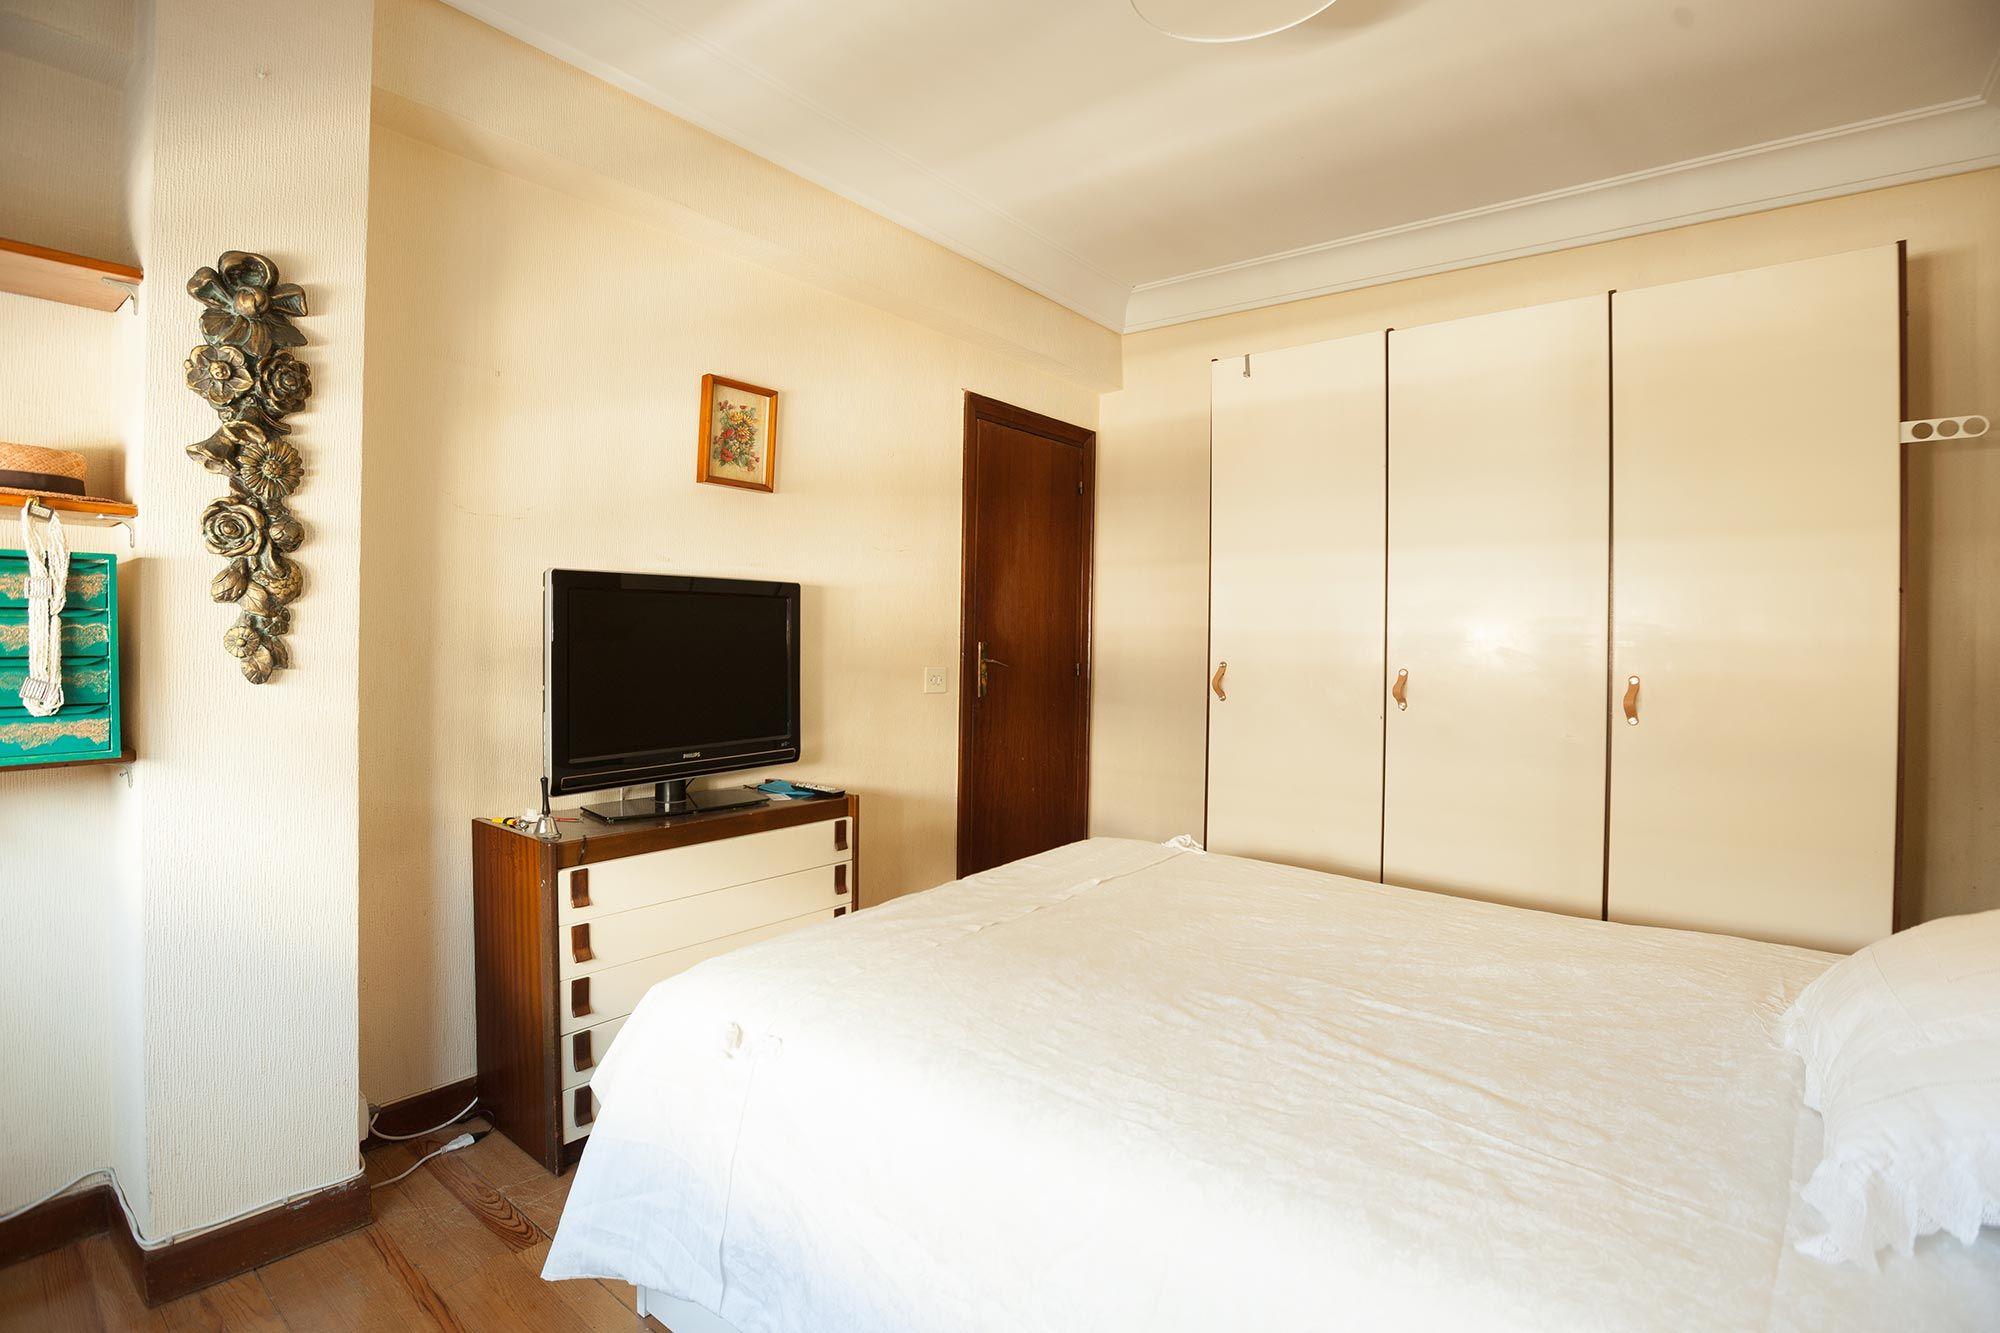 Programa de Decogarden del 17 noviembre de 2018 - decorar dormitorio romántico antes